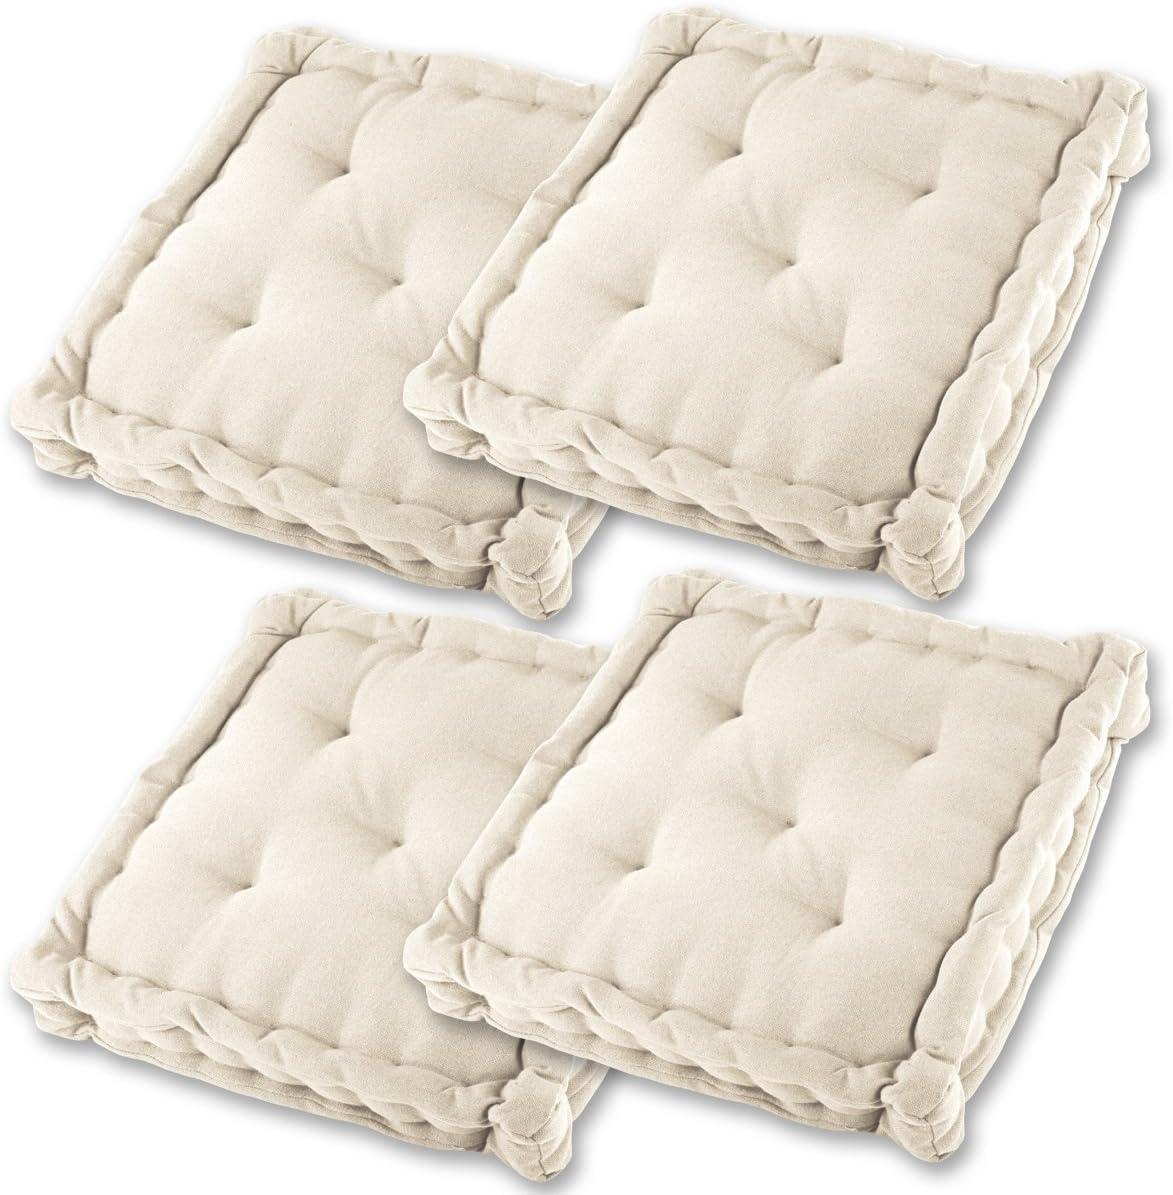 Gräfenstayn® Set de 4 Cojines, Cojines para Silla de 40 x 40 x 8 cm para Interior y Exterior de 100% algodón cojín Acolchado/cojín para el Suelo (Crema)